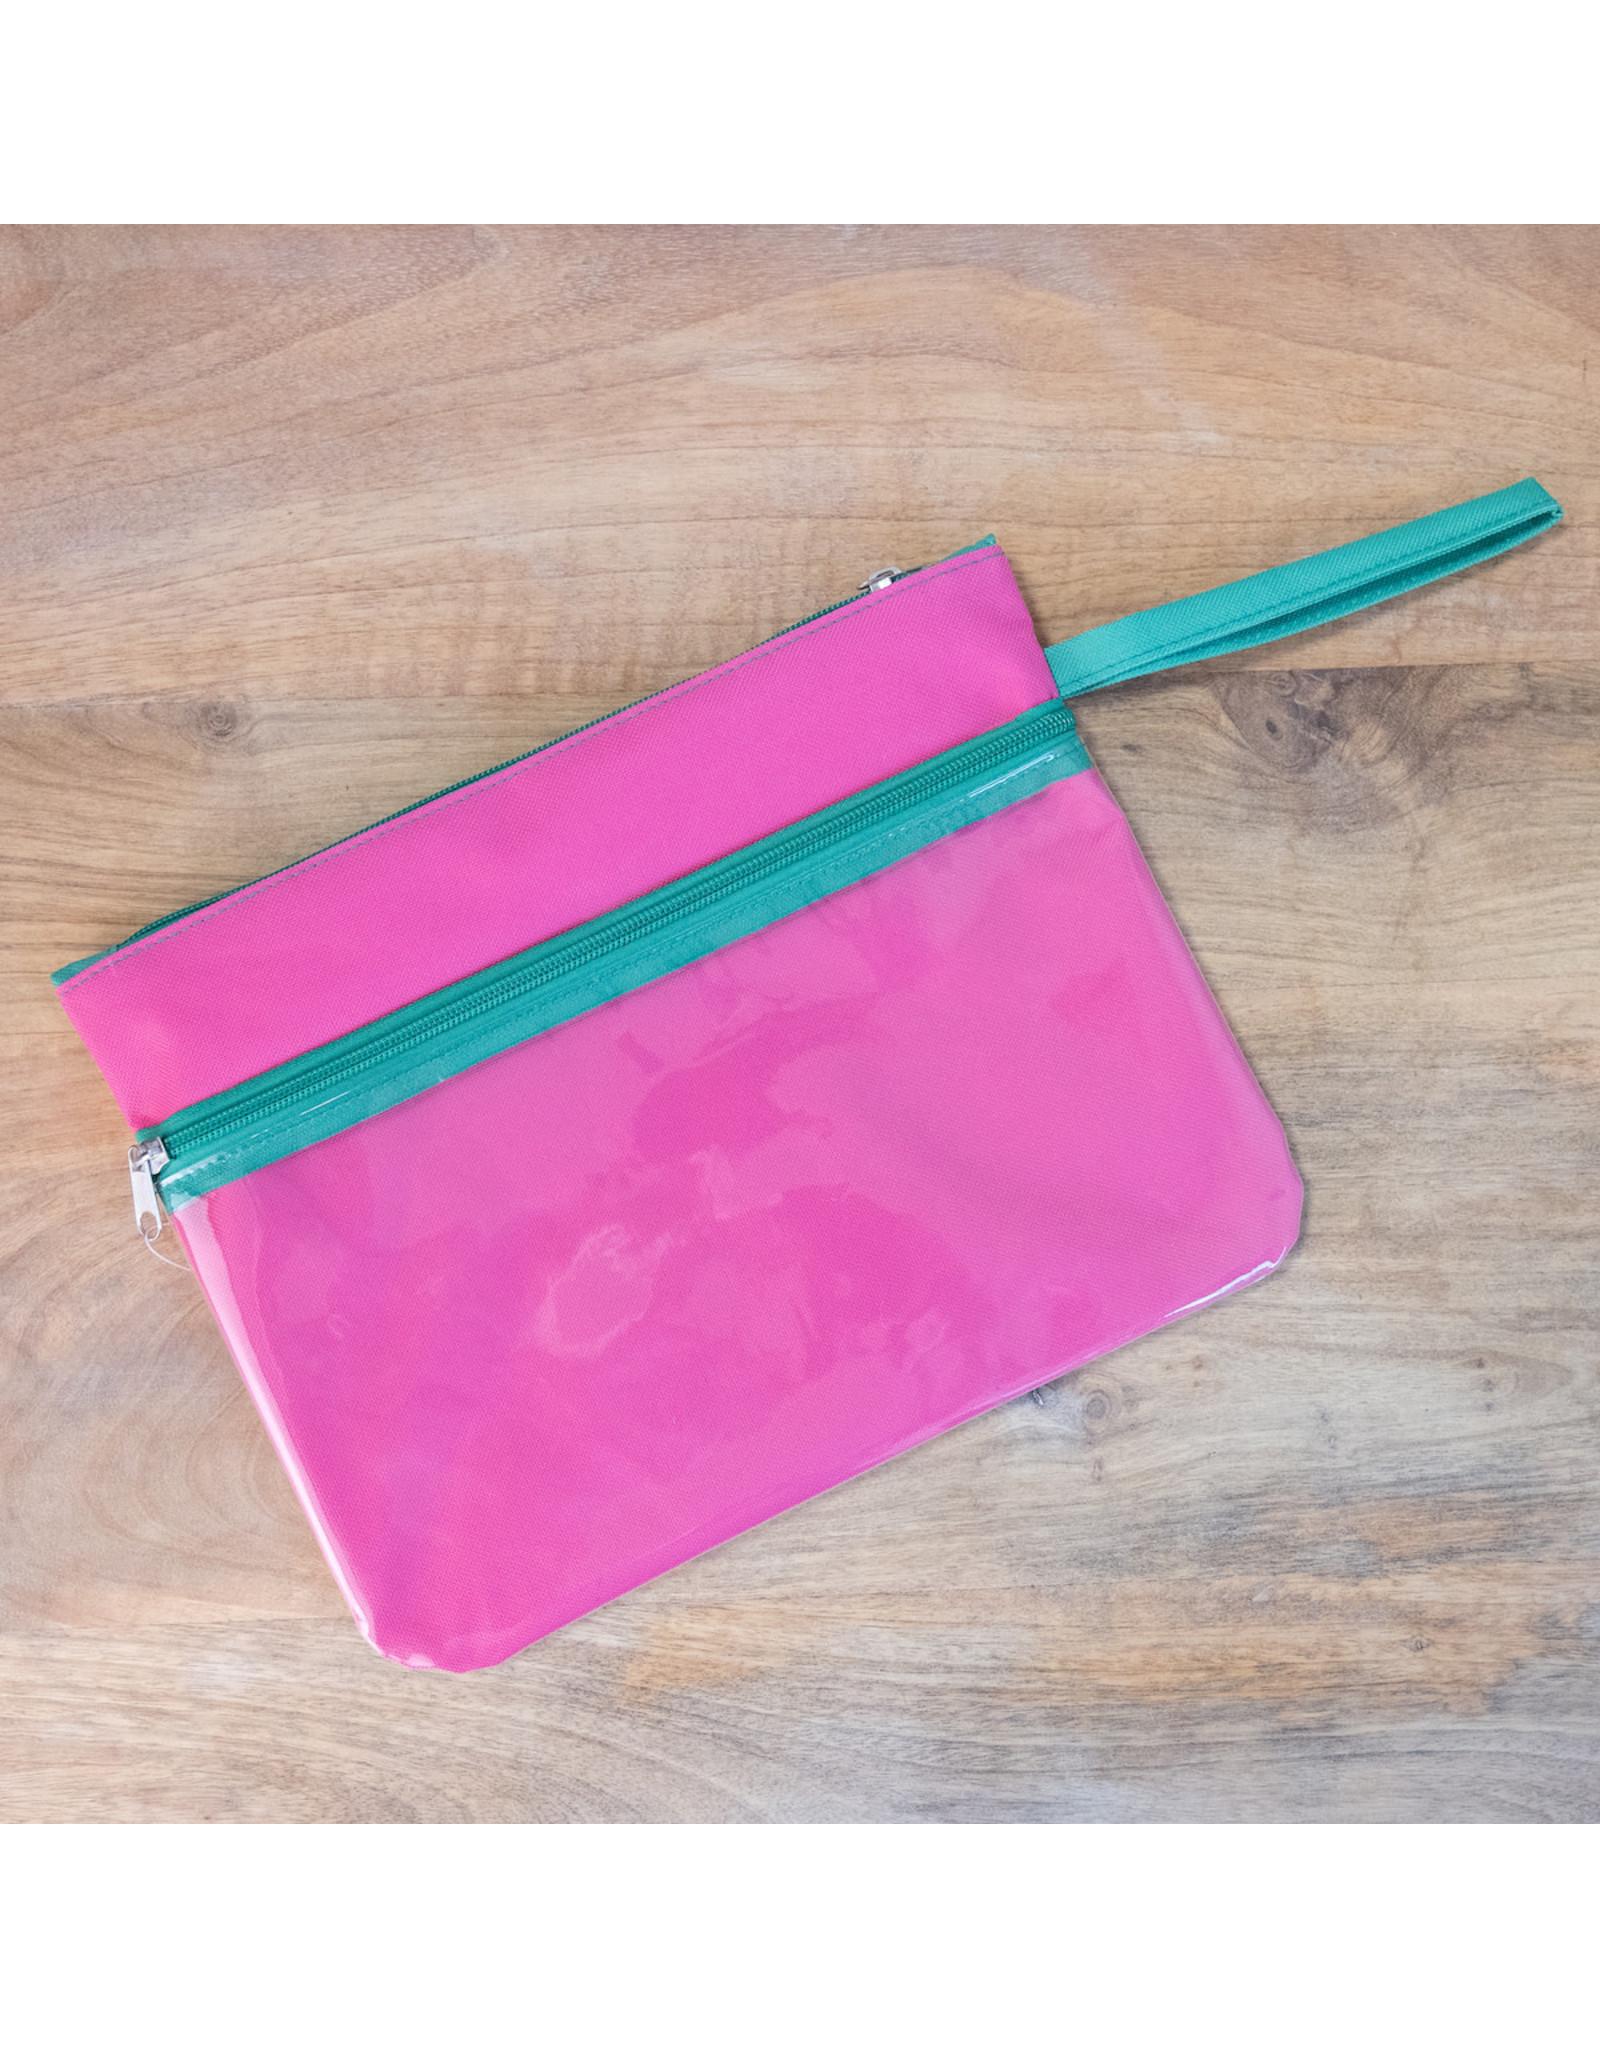 Malibu Wet/Dry Bag---Pink / Parakeet